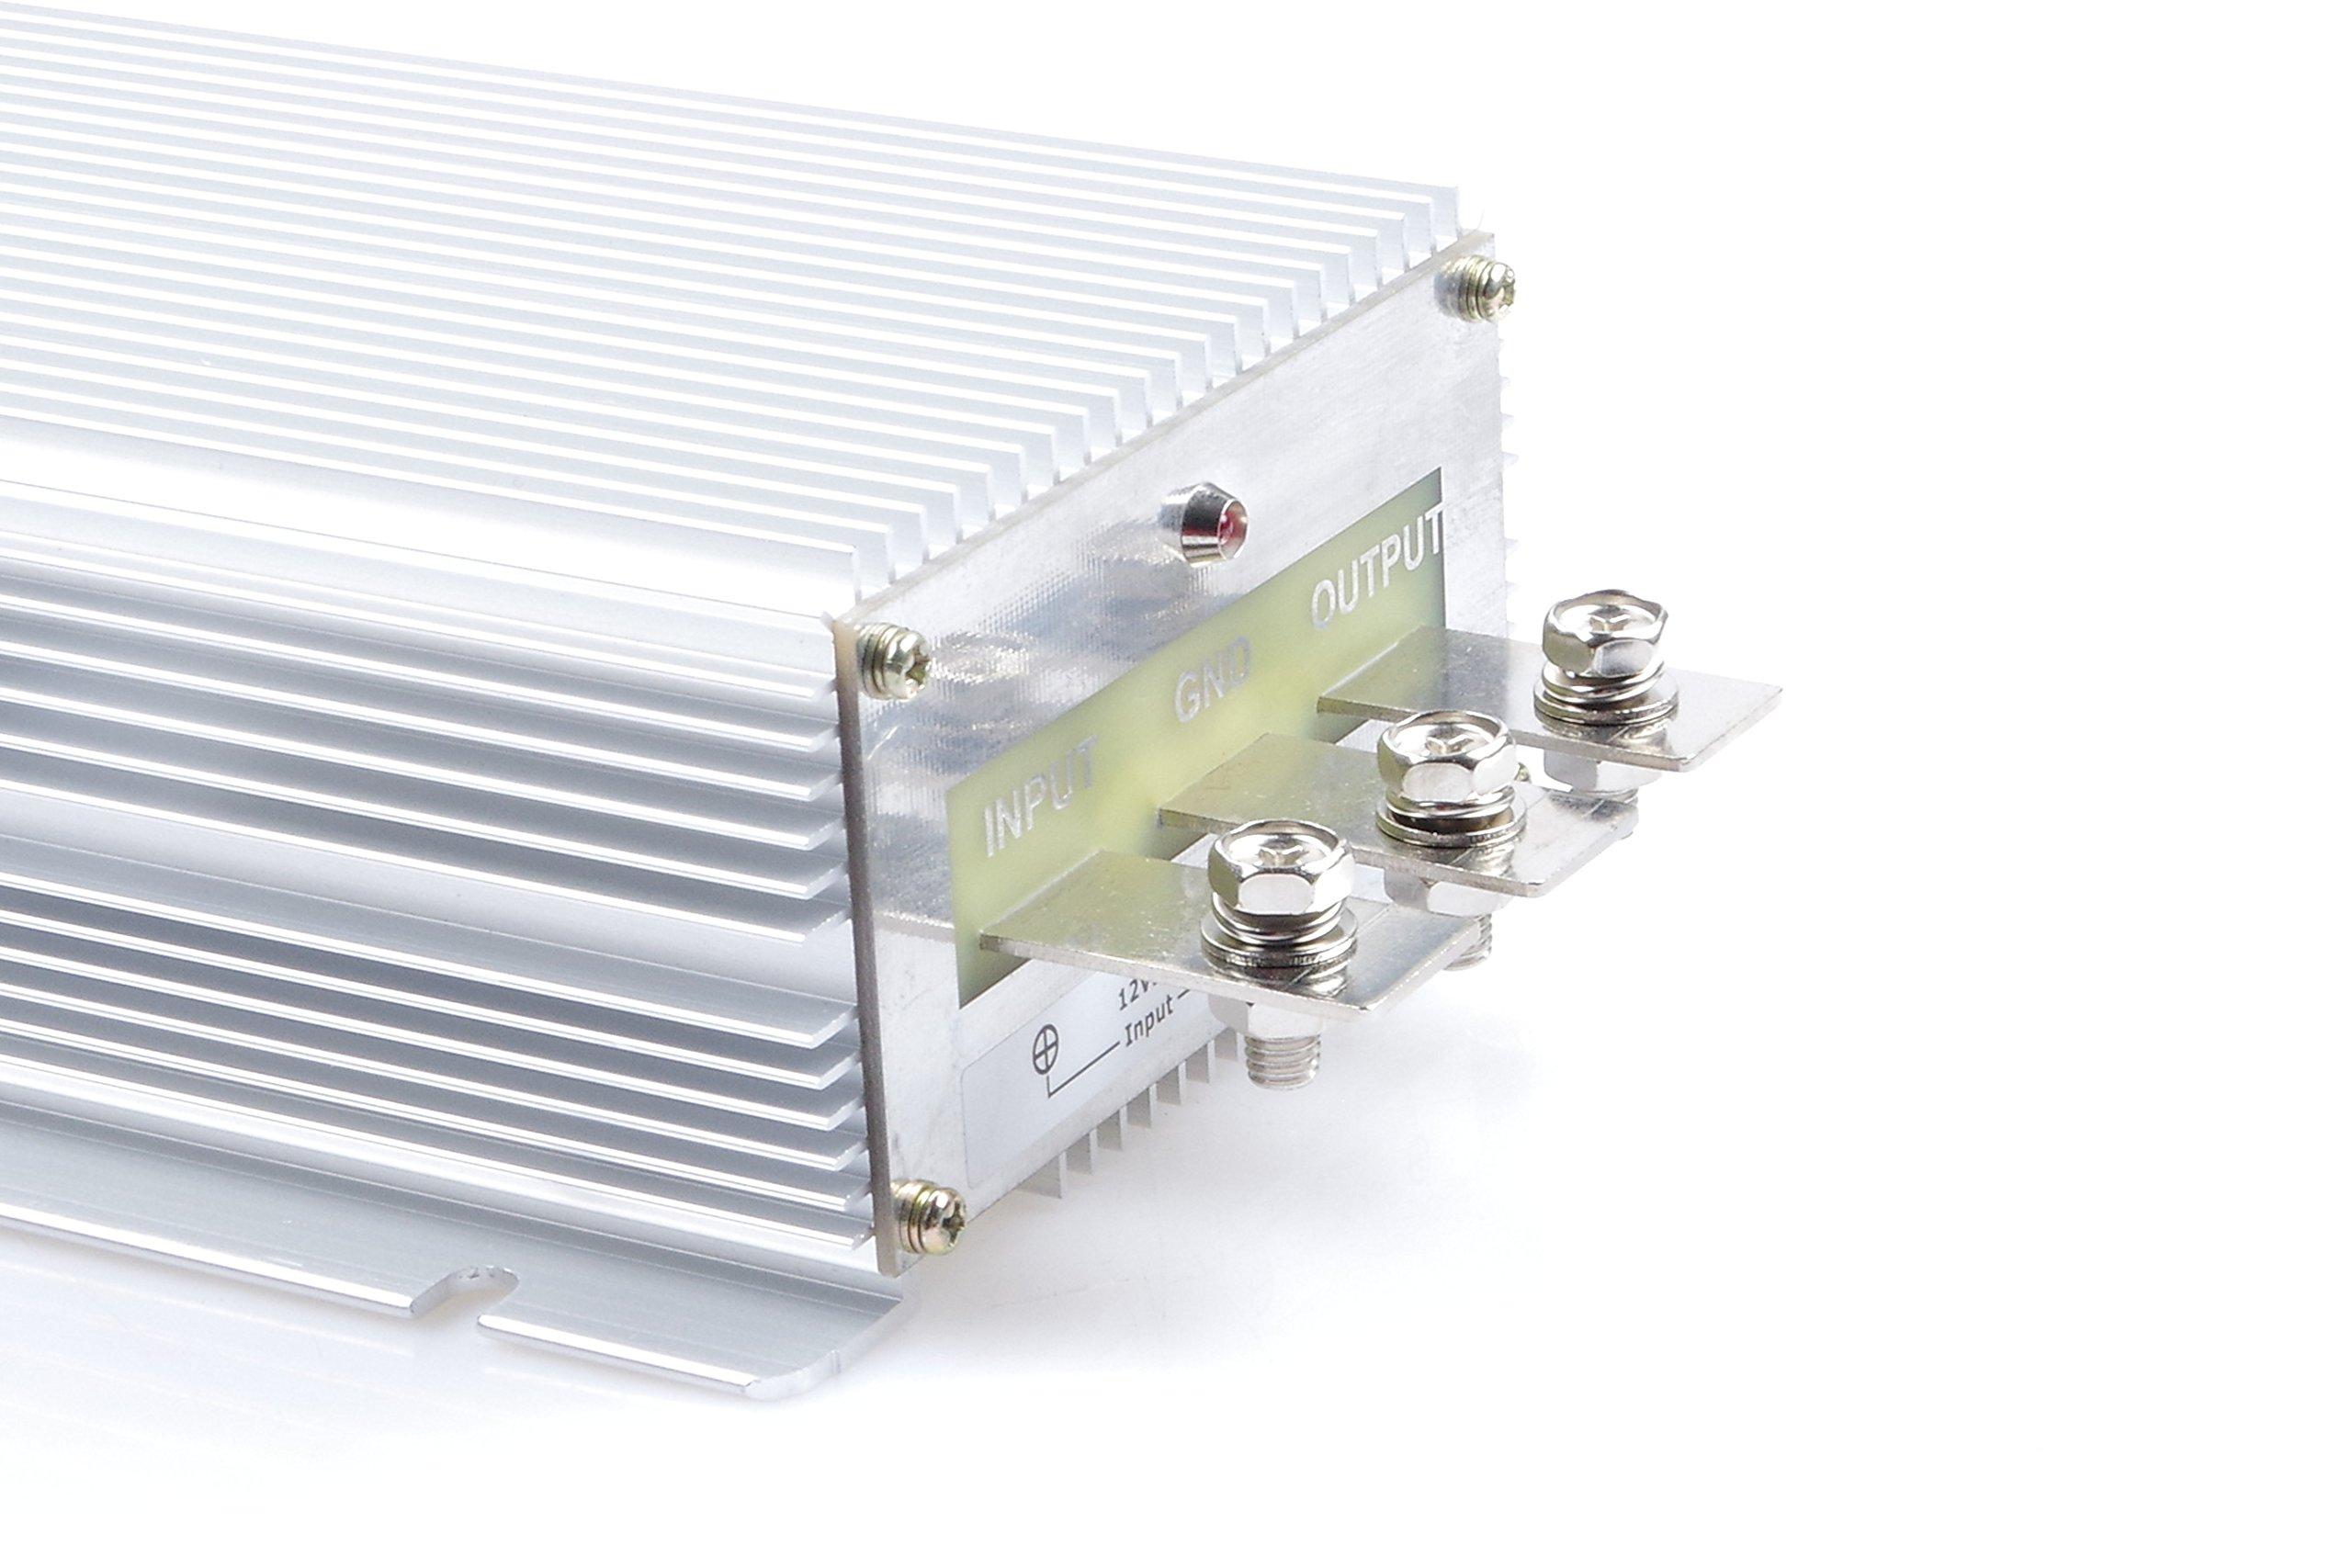 Voltage Converter Regulator DC/DC DC 12V Step-Up to DC 48V 15A 420W Power Boost Transformer Waterproof(IN DC 12V (10-18V), 48V 15A) by KNACRO (Image #6)